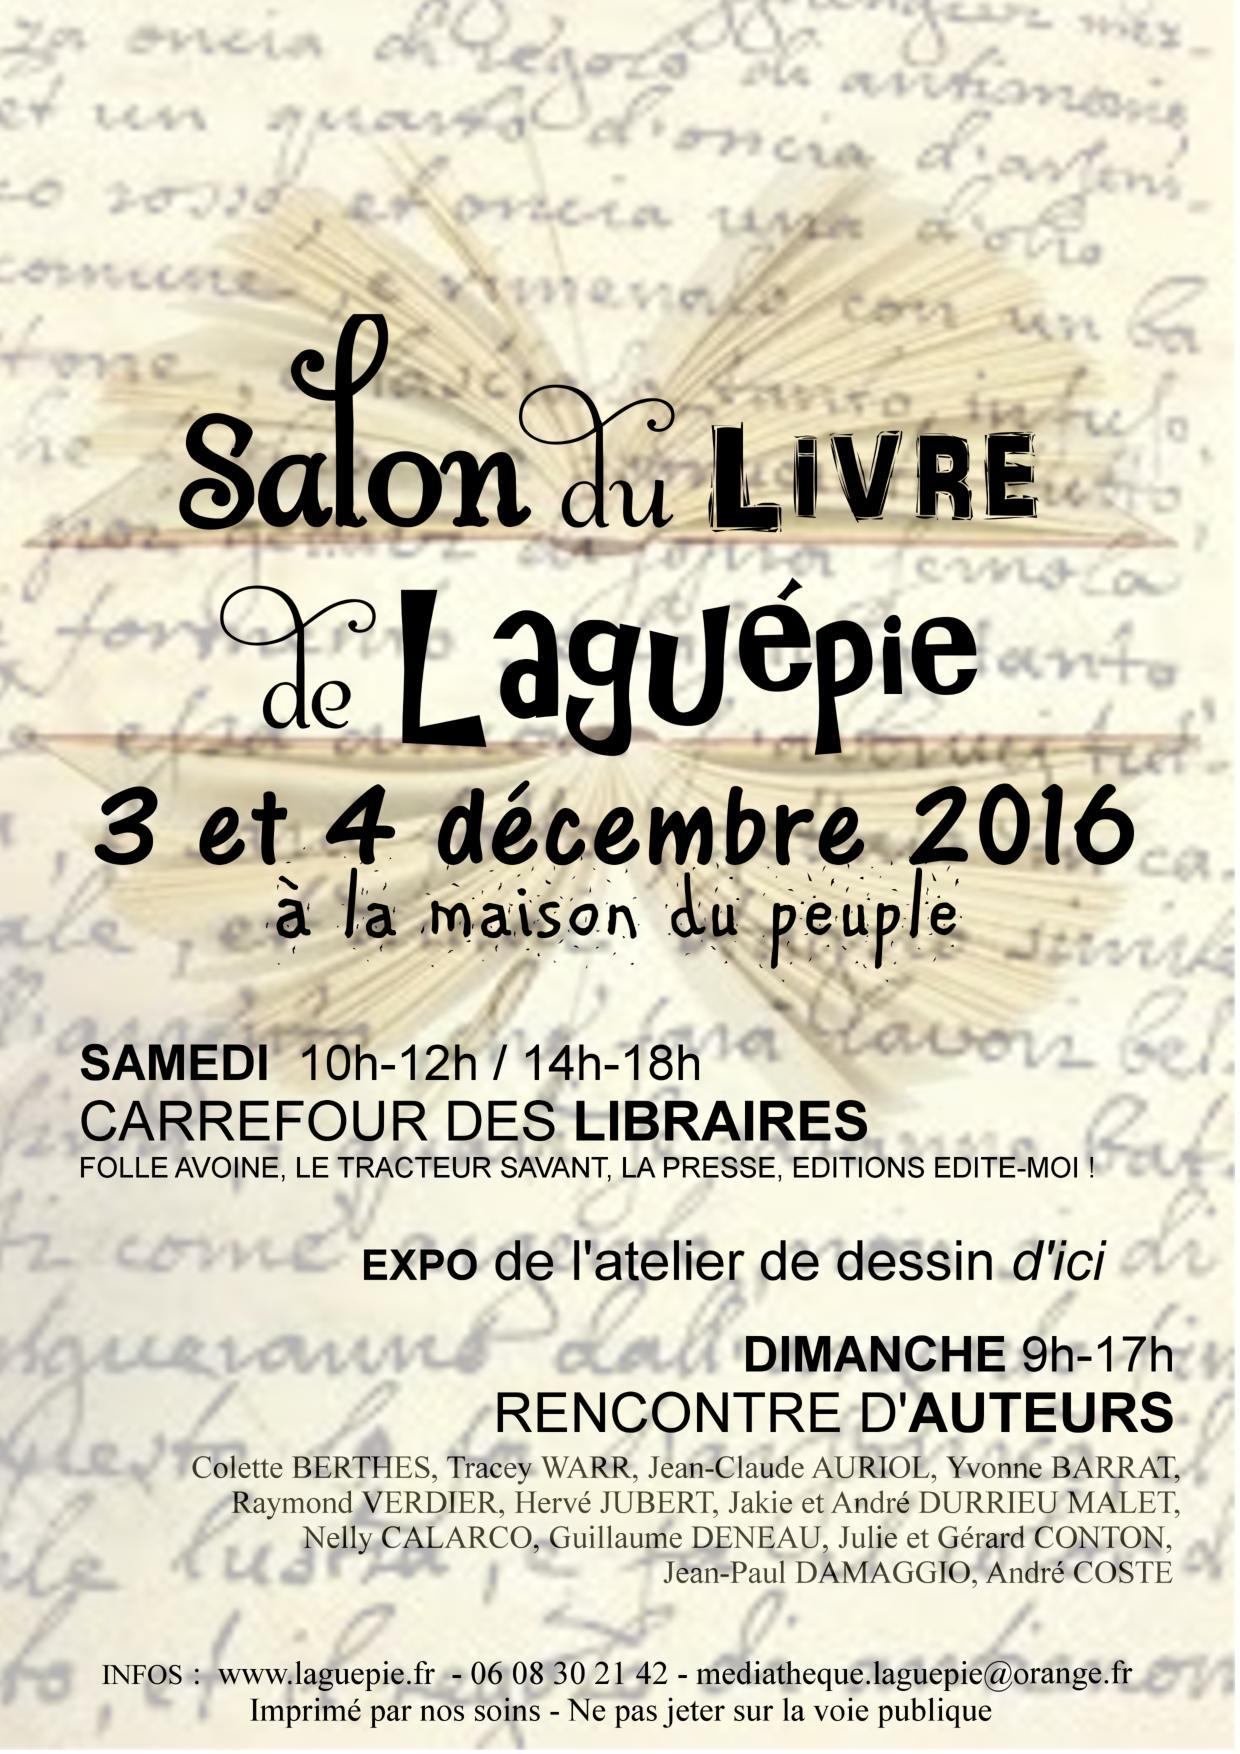 salon-du-livre-laguepie-2016-a4-page-001